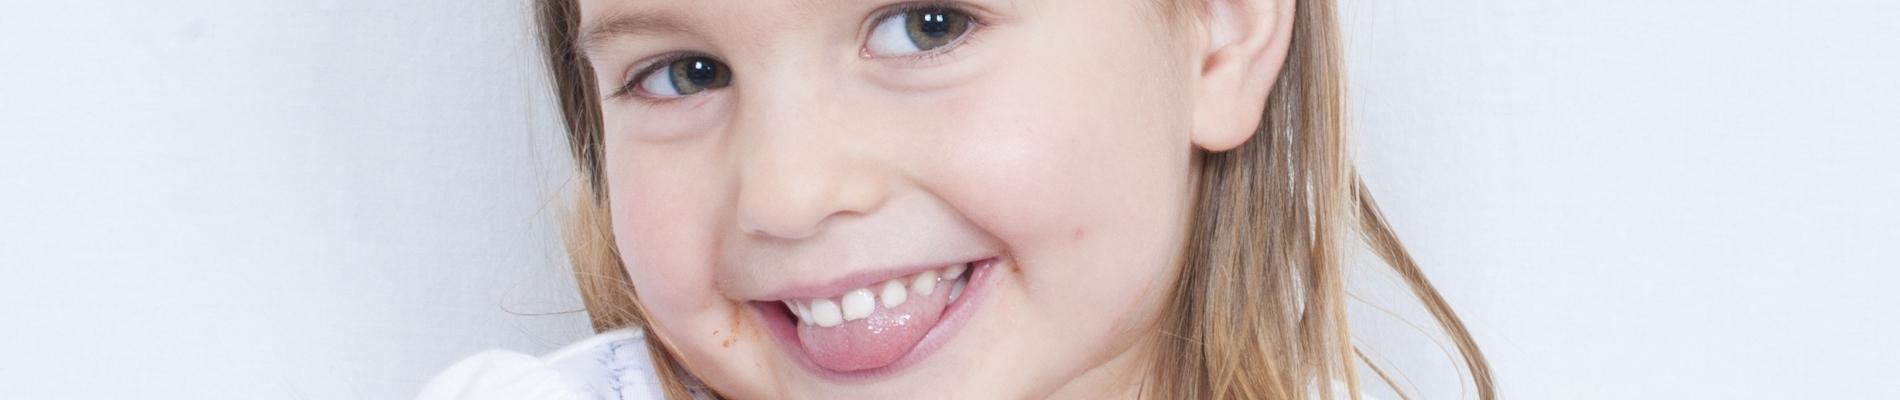 child-1260411